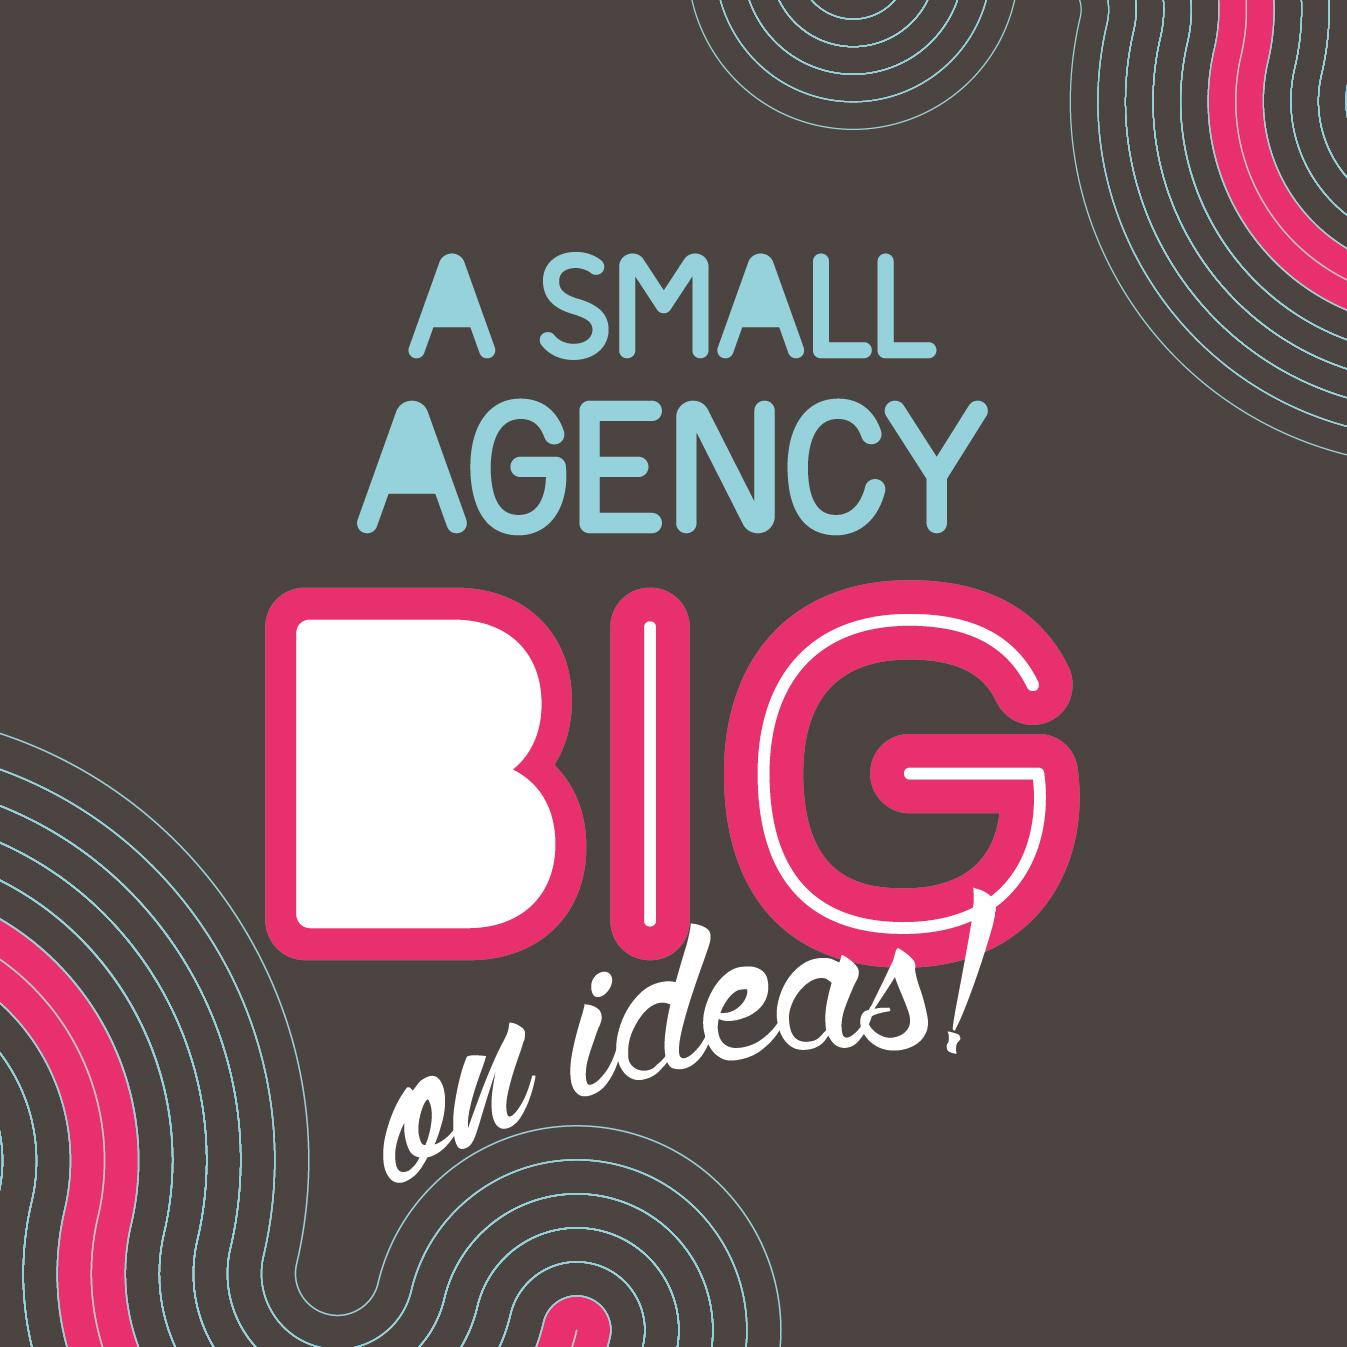 Small agency Big ideas-01.jpg